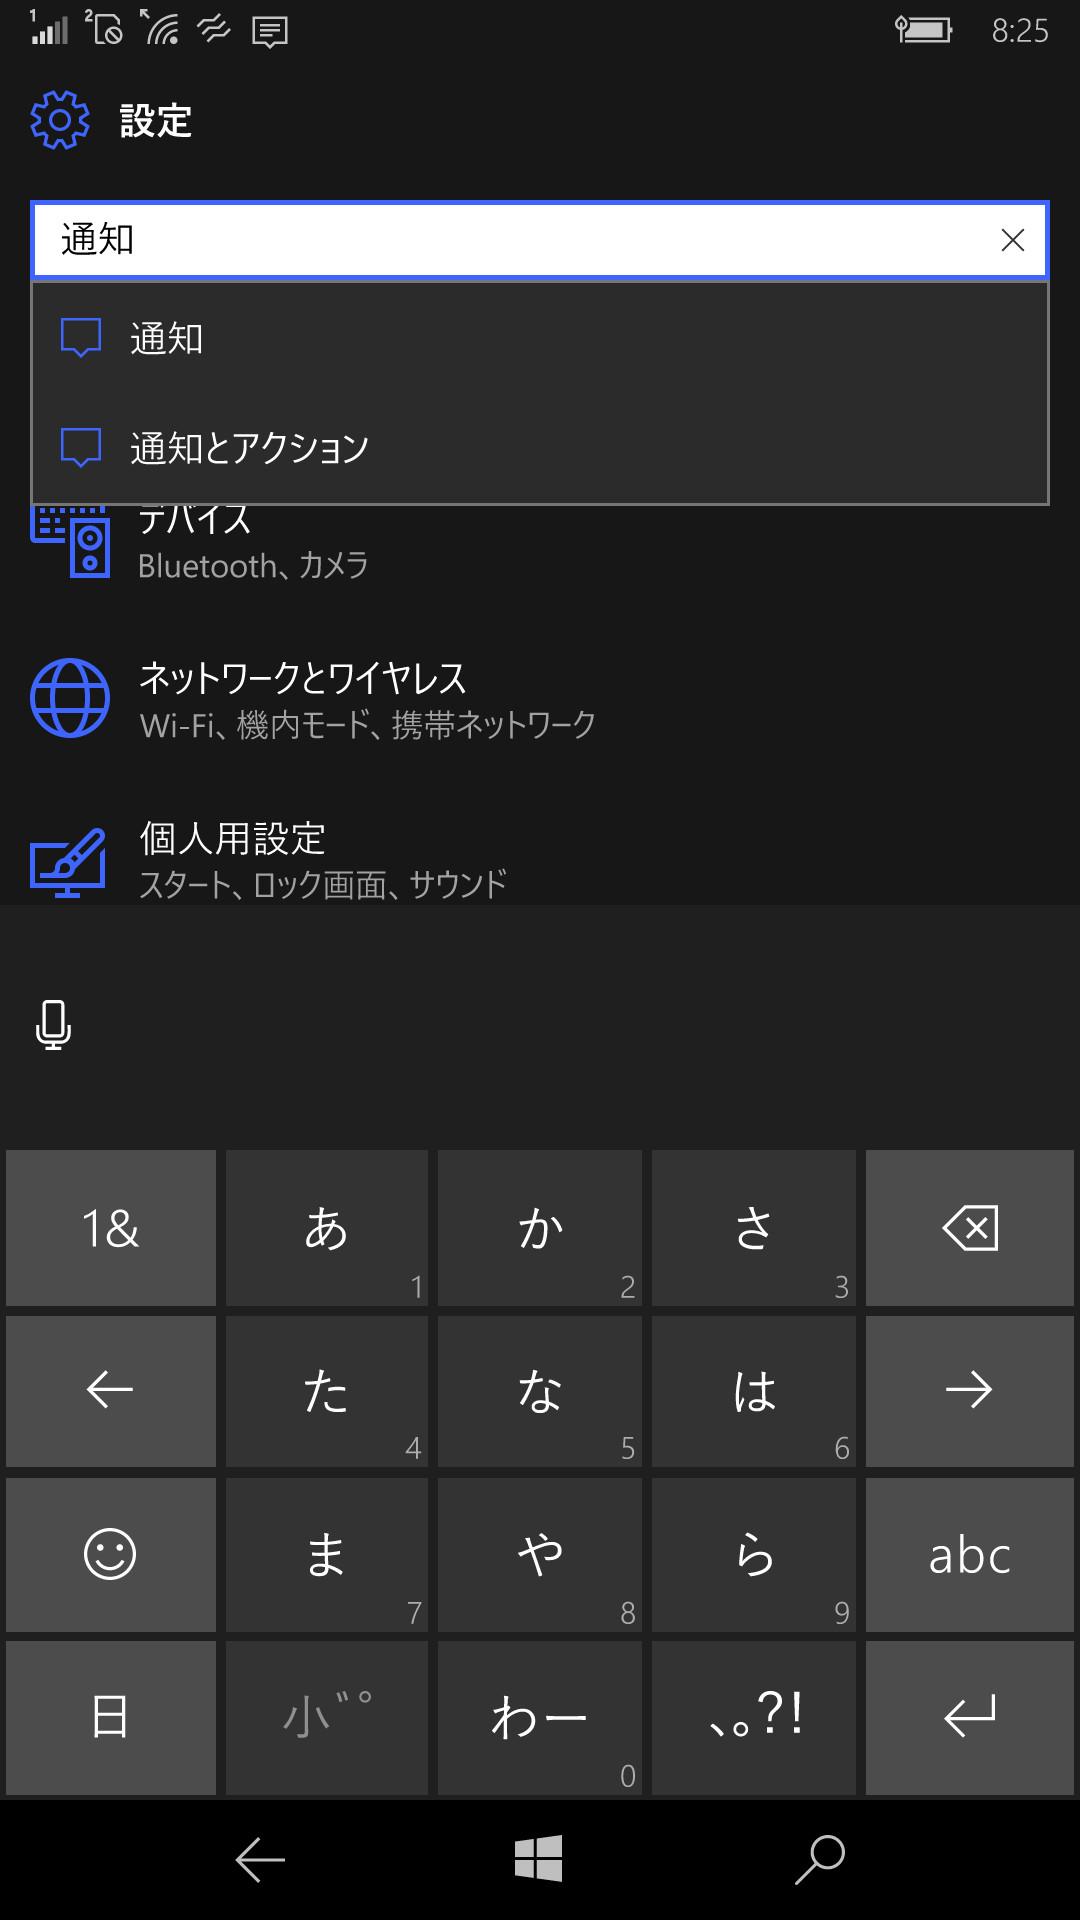 """「設定」アプリの検索ボックスに""""通知""""と入力し、検索結果として現れた[通知とアクション]項目をタップする"""